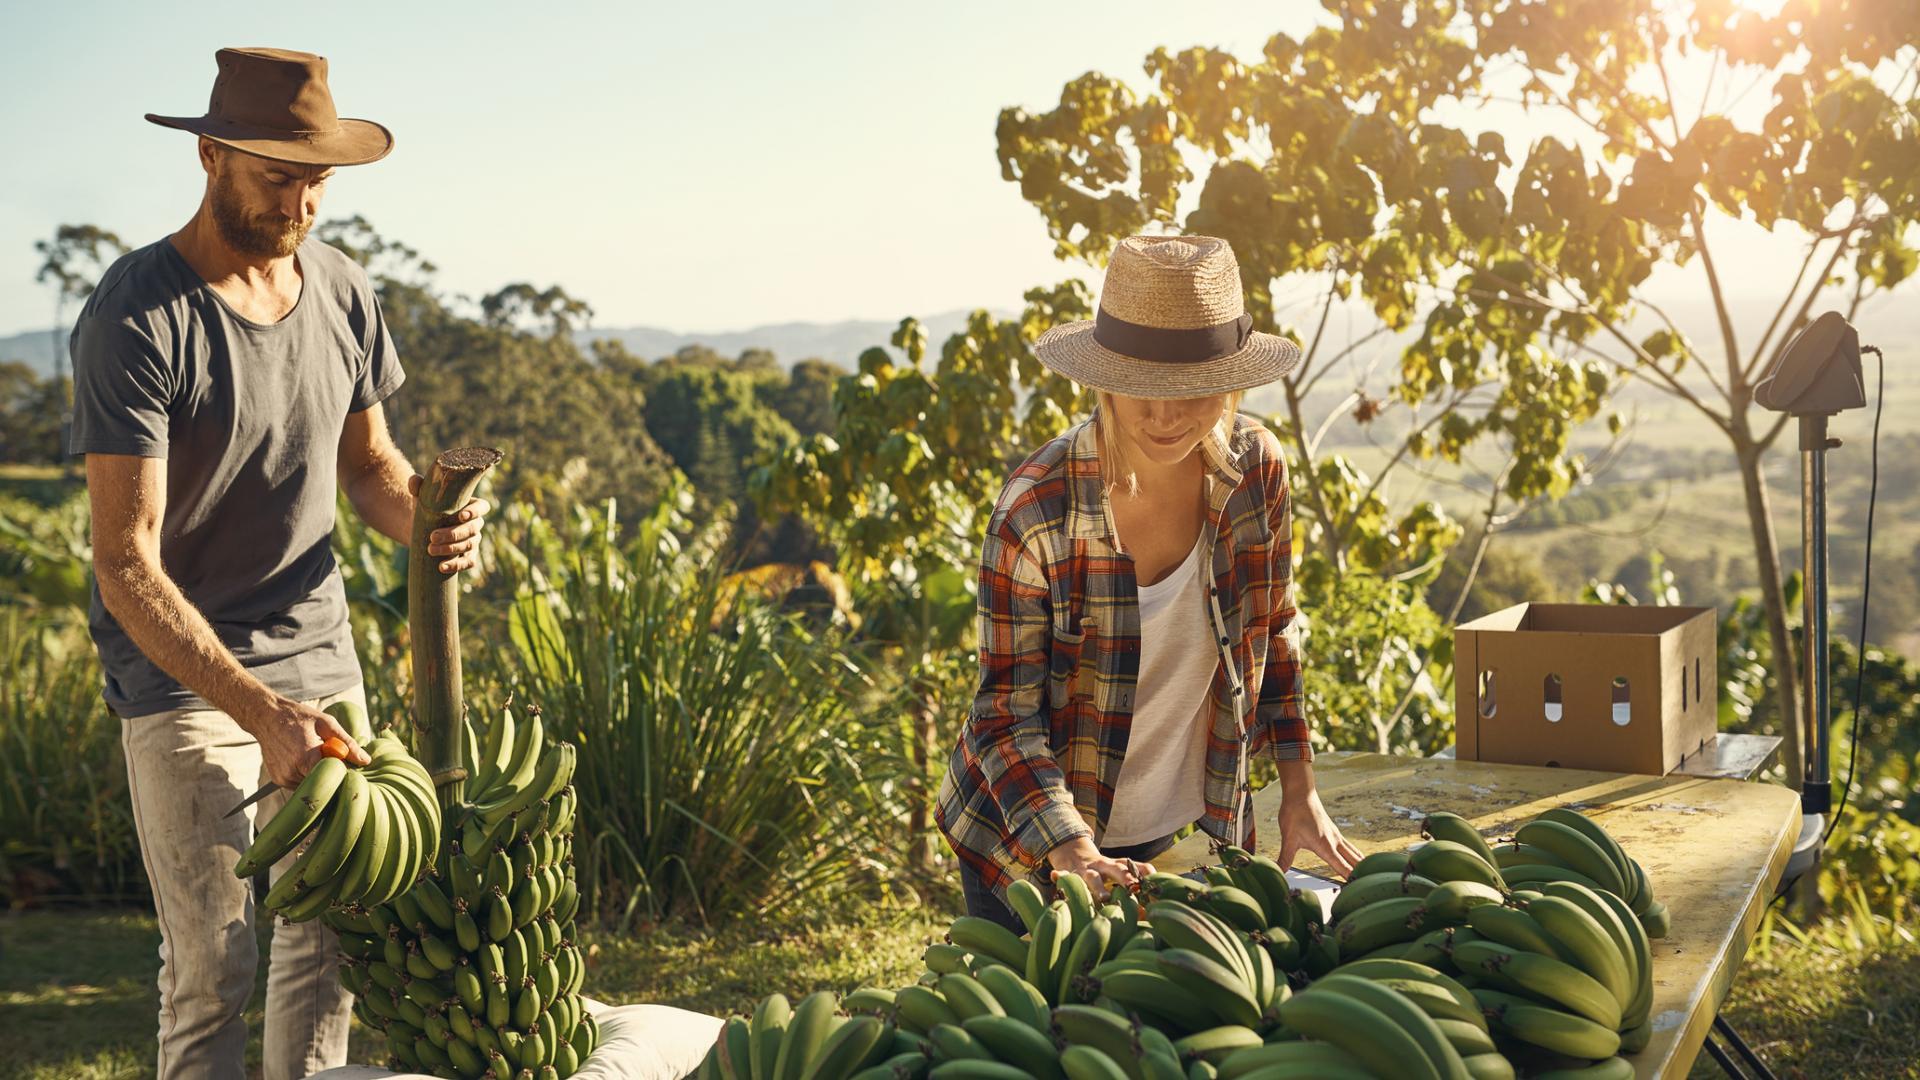 Bananenplantage Mann Frau ernten Bananen